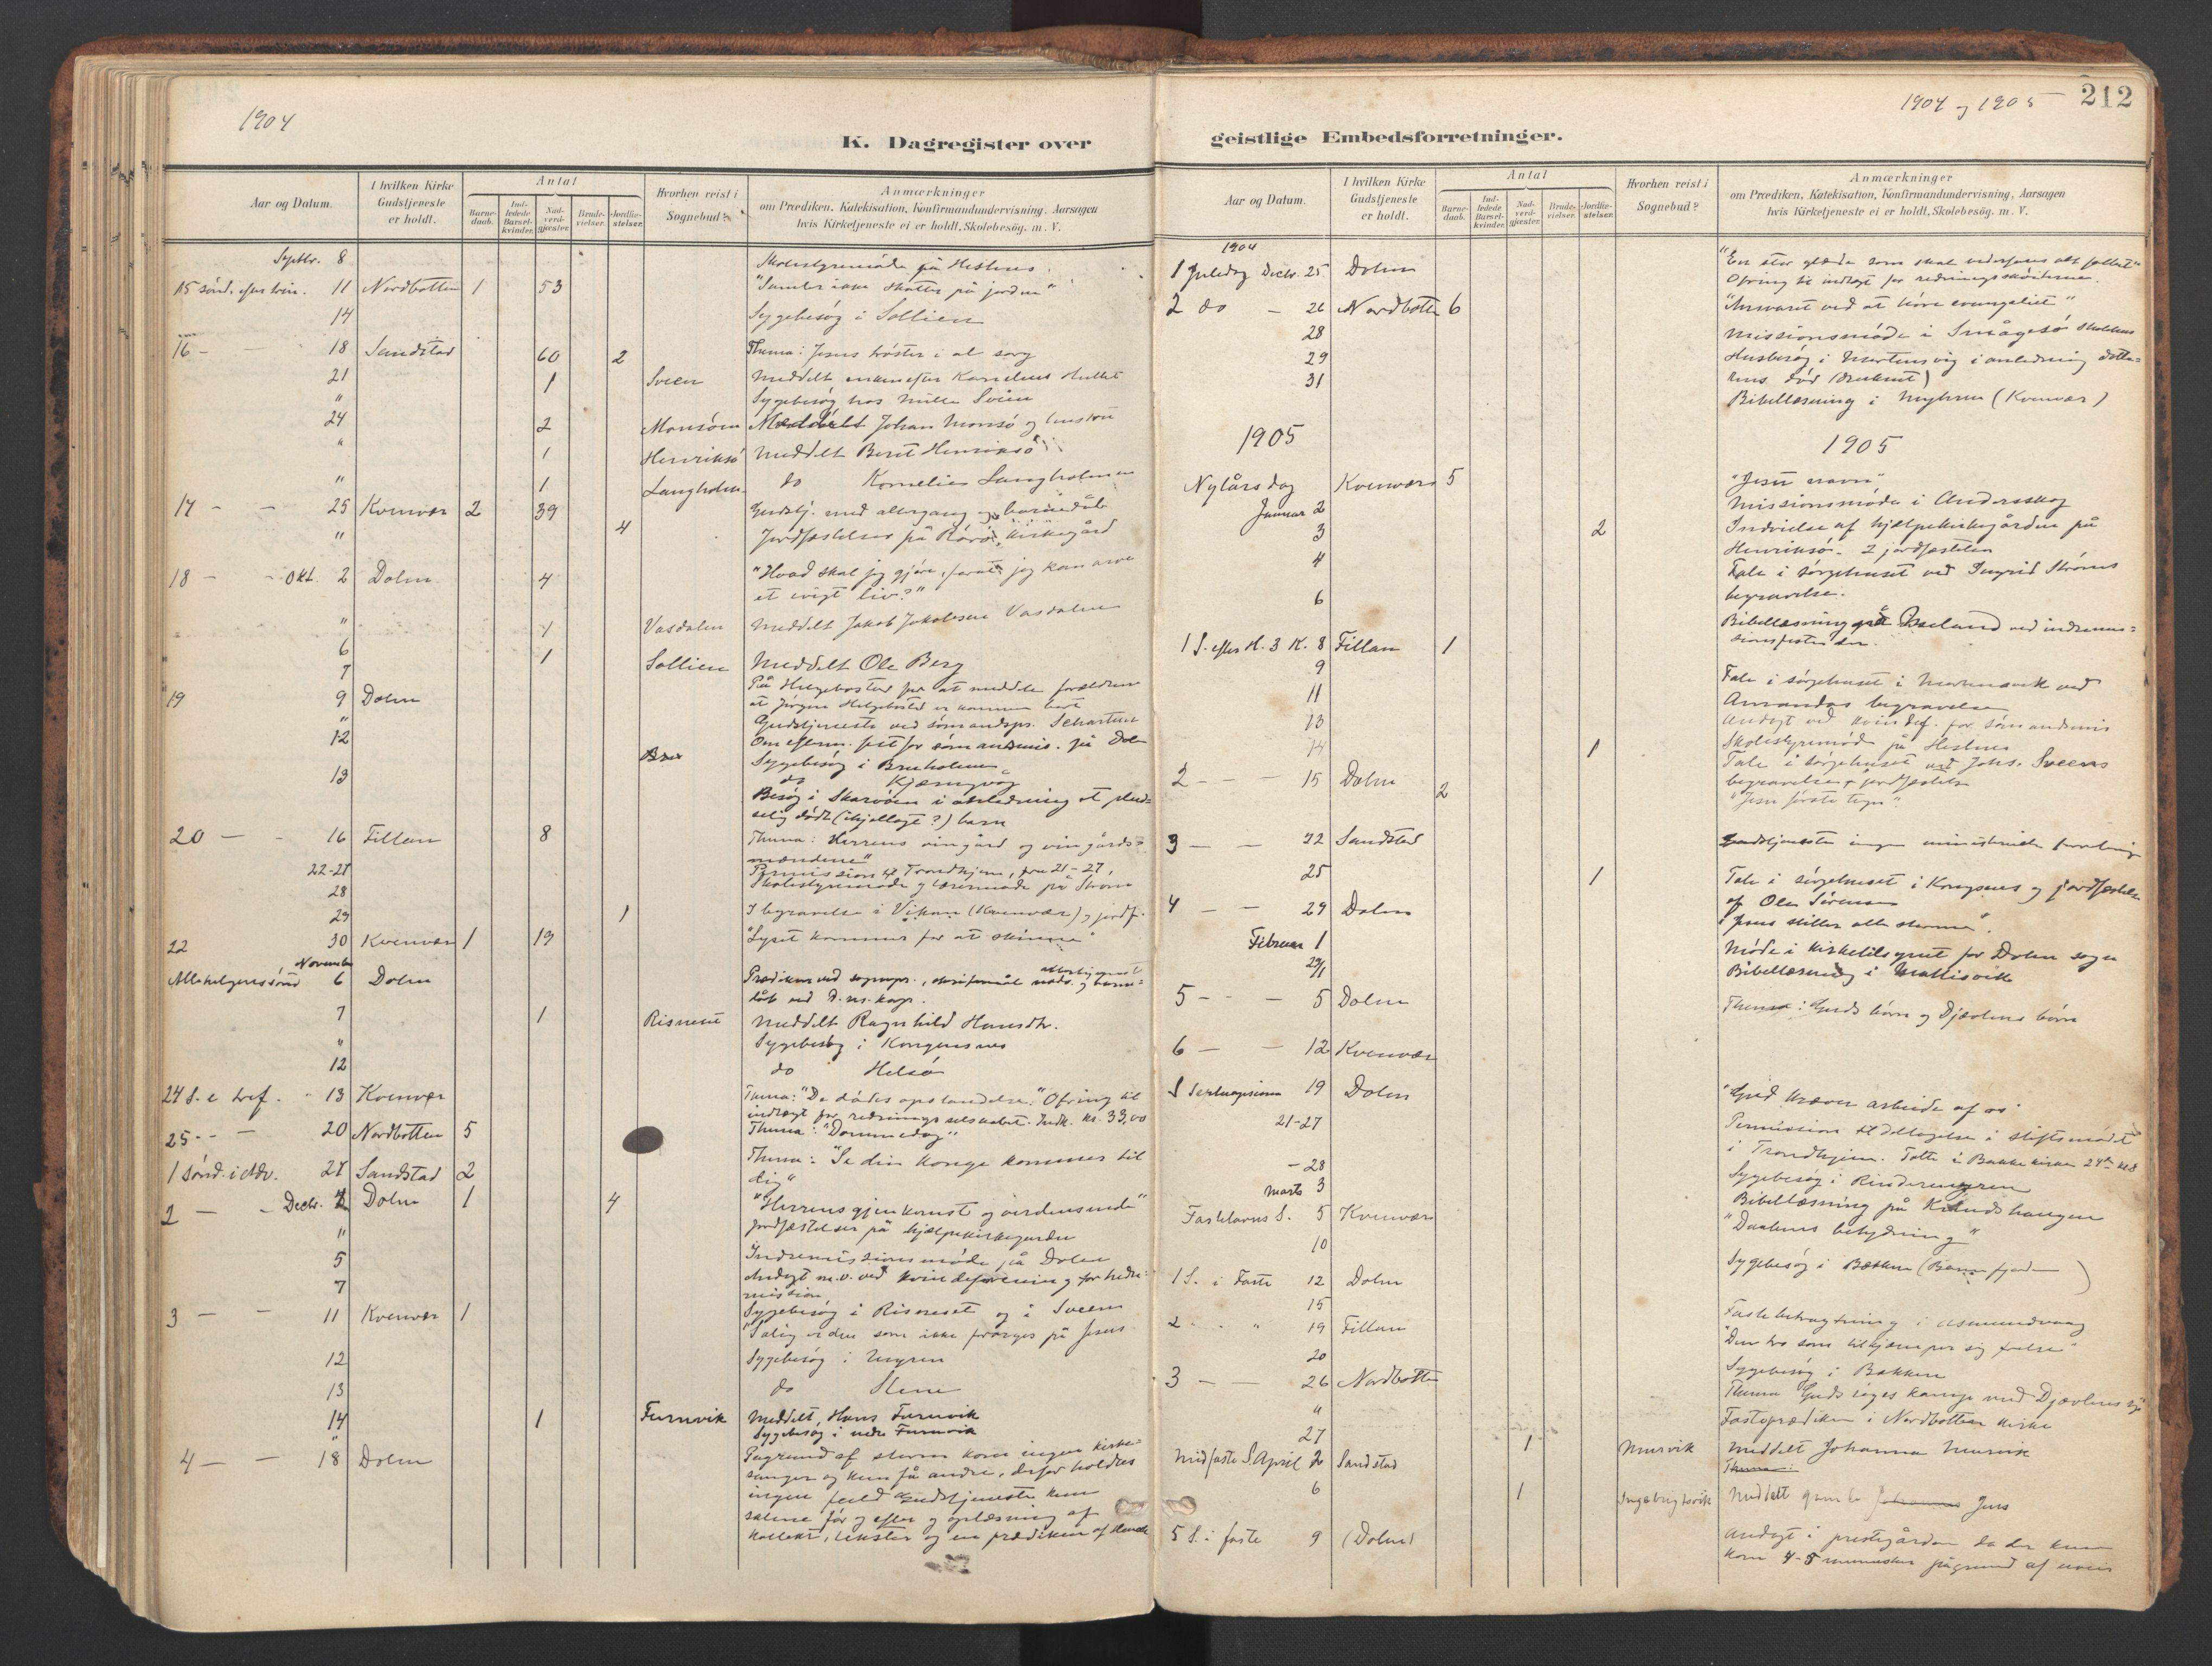 SAT, Ministerialprotokoller, klokkerbøker og fødselsregistre - Sør-Trøndelag, 634/L0537: Ministerialbok nr. 634A13, 1896-1922, s. 212